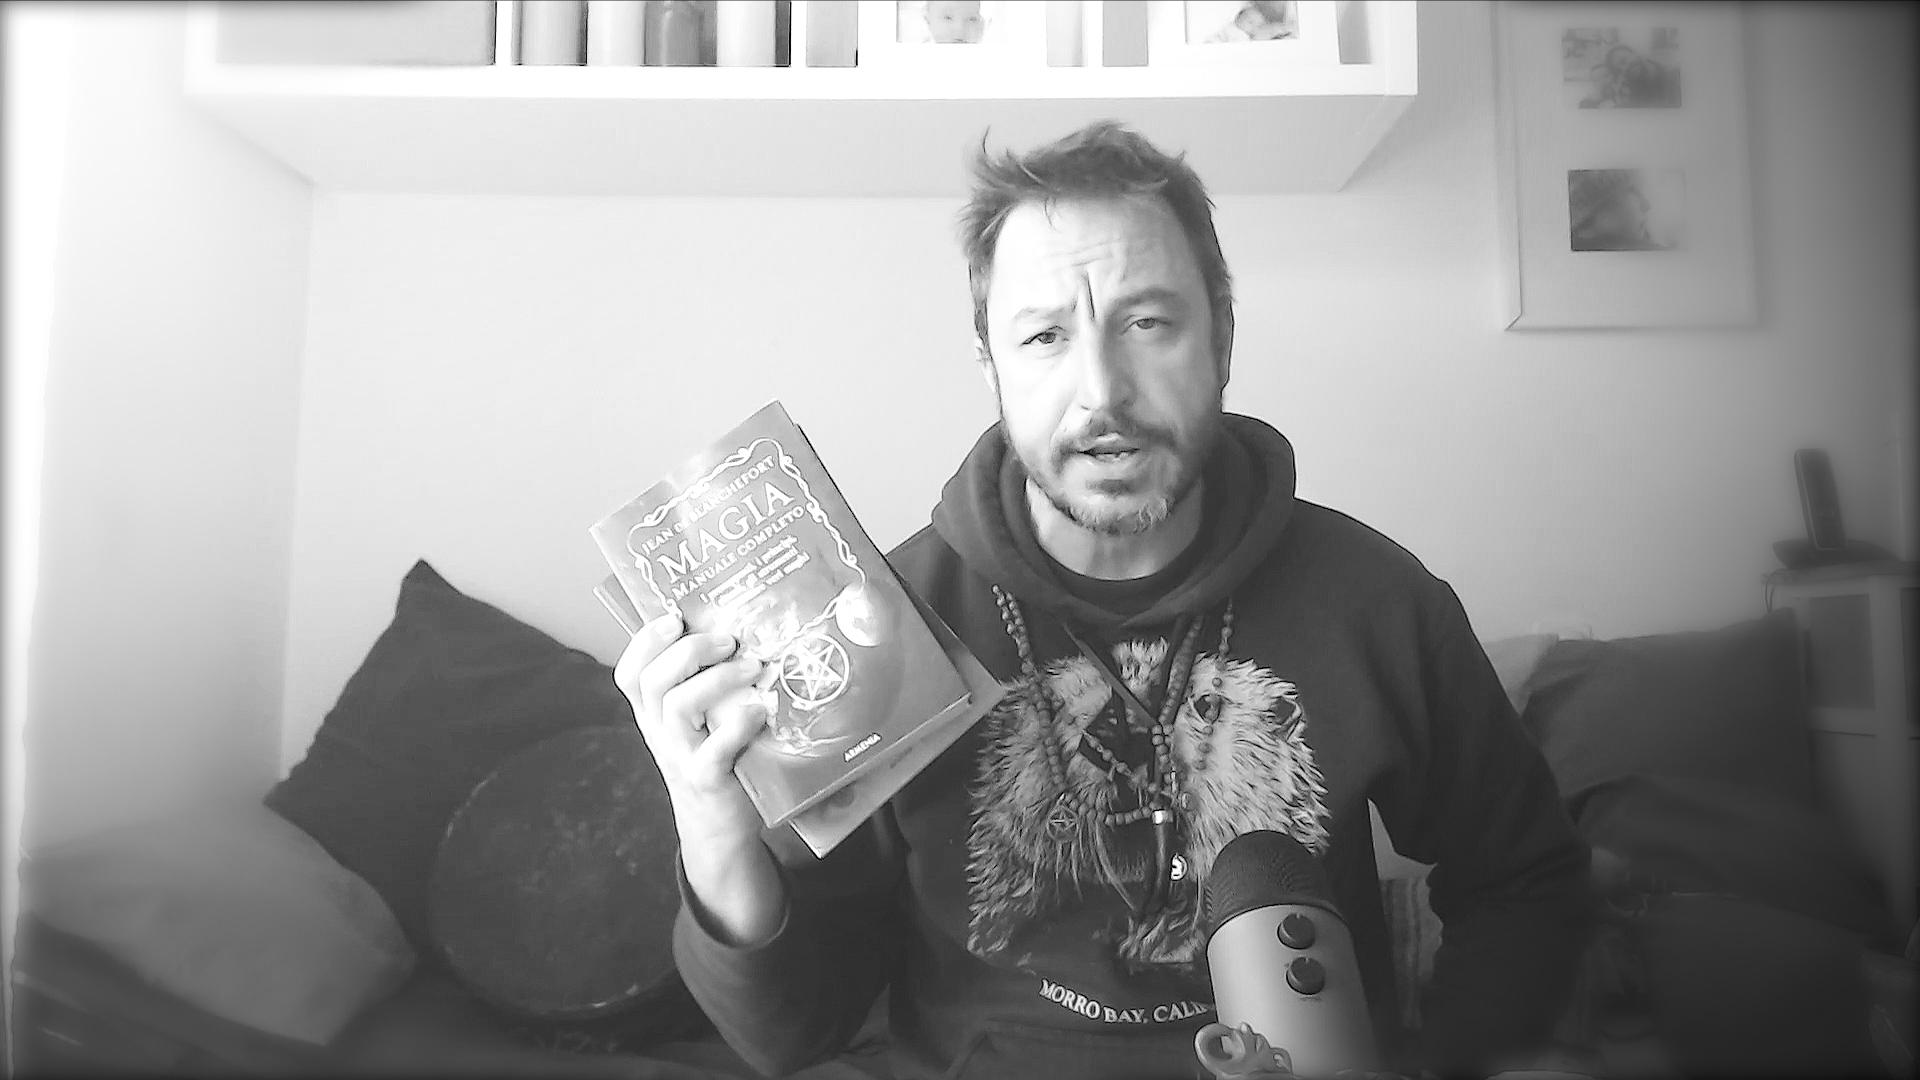 Magia. Manuale completo di Jean de Blanchefort